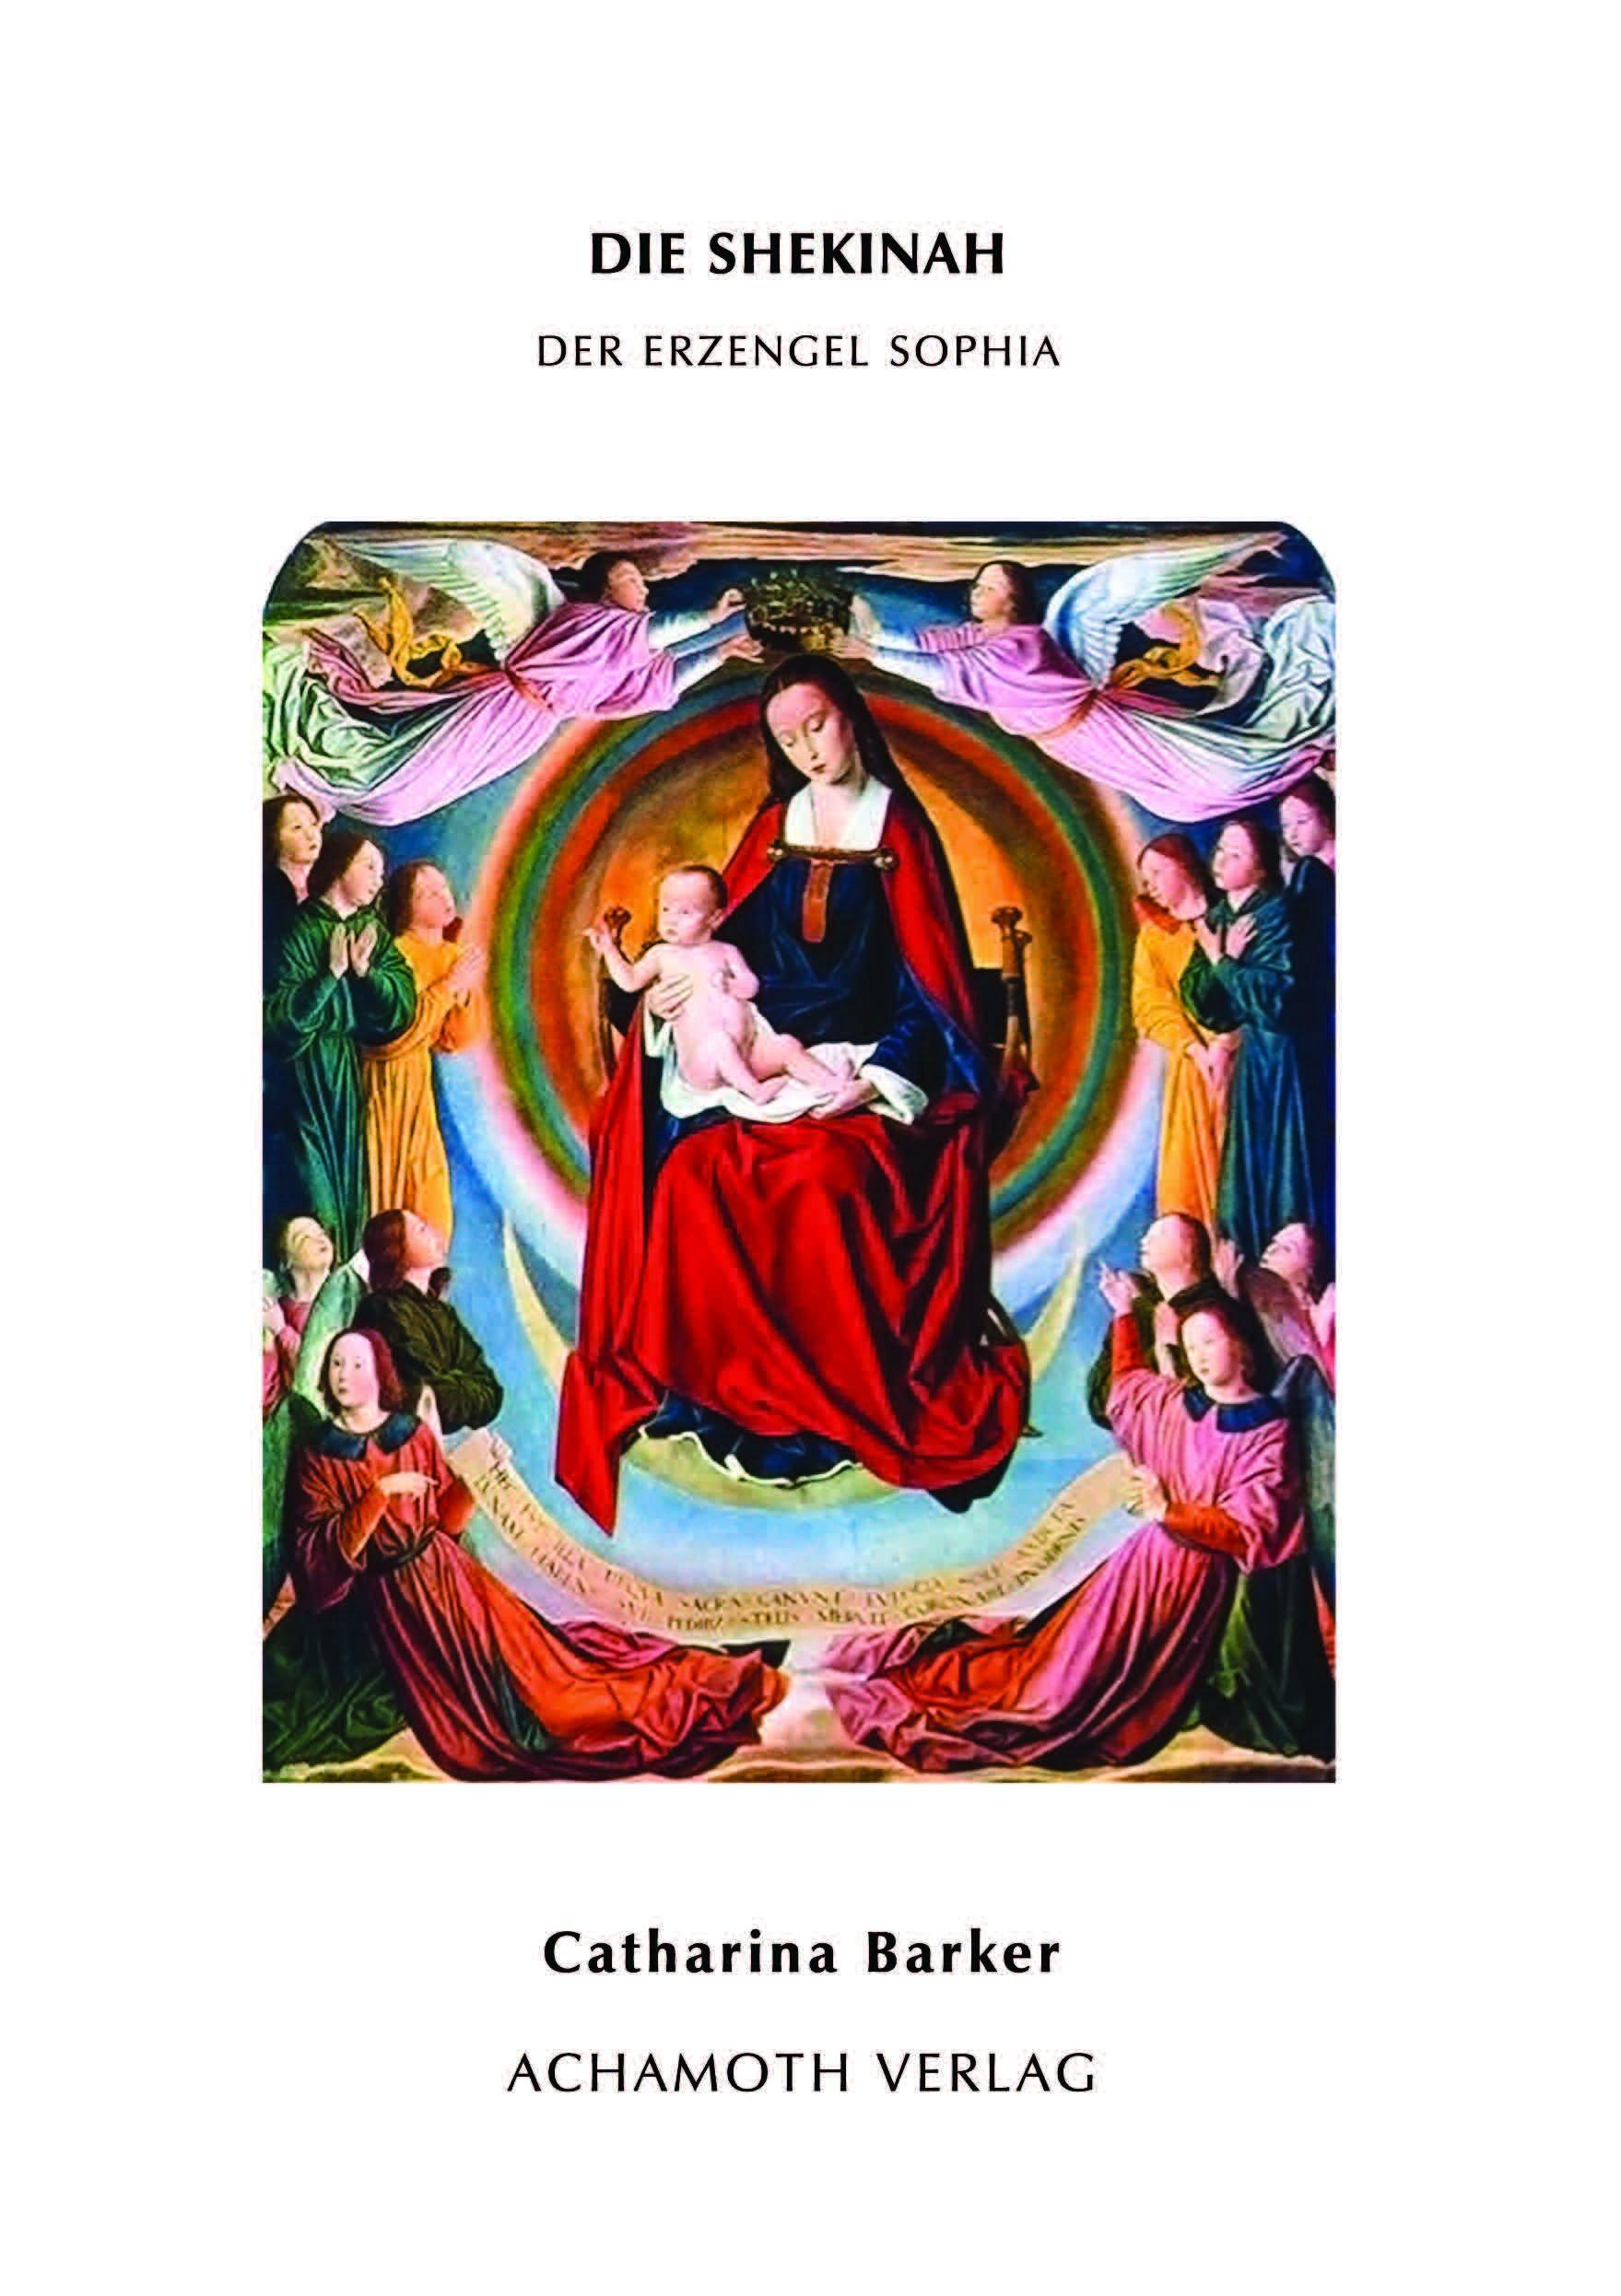 Die Shekinah - Der Erzengel Sophia